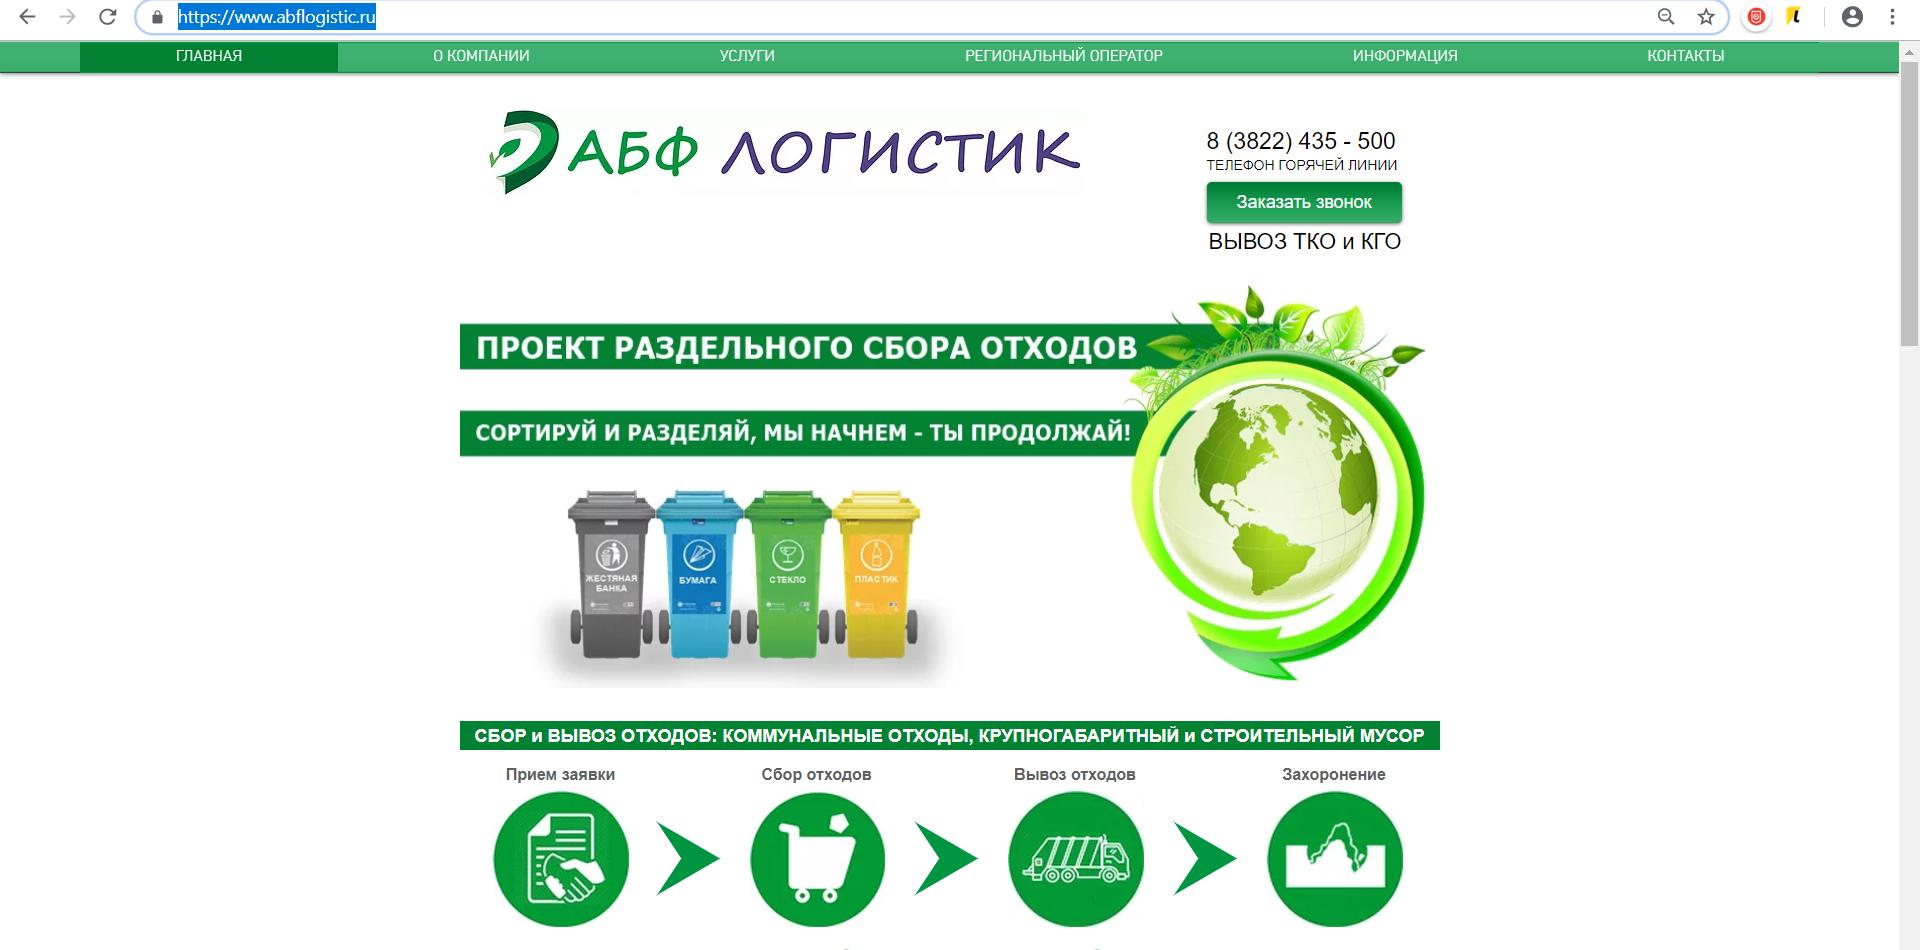 Региональный оператор ТКО Томской области